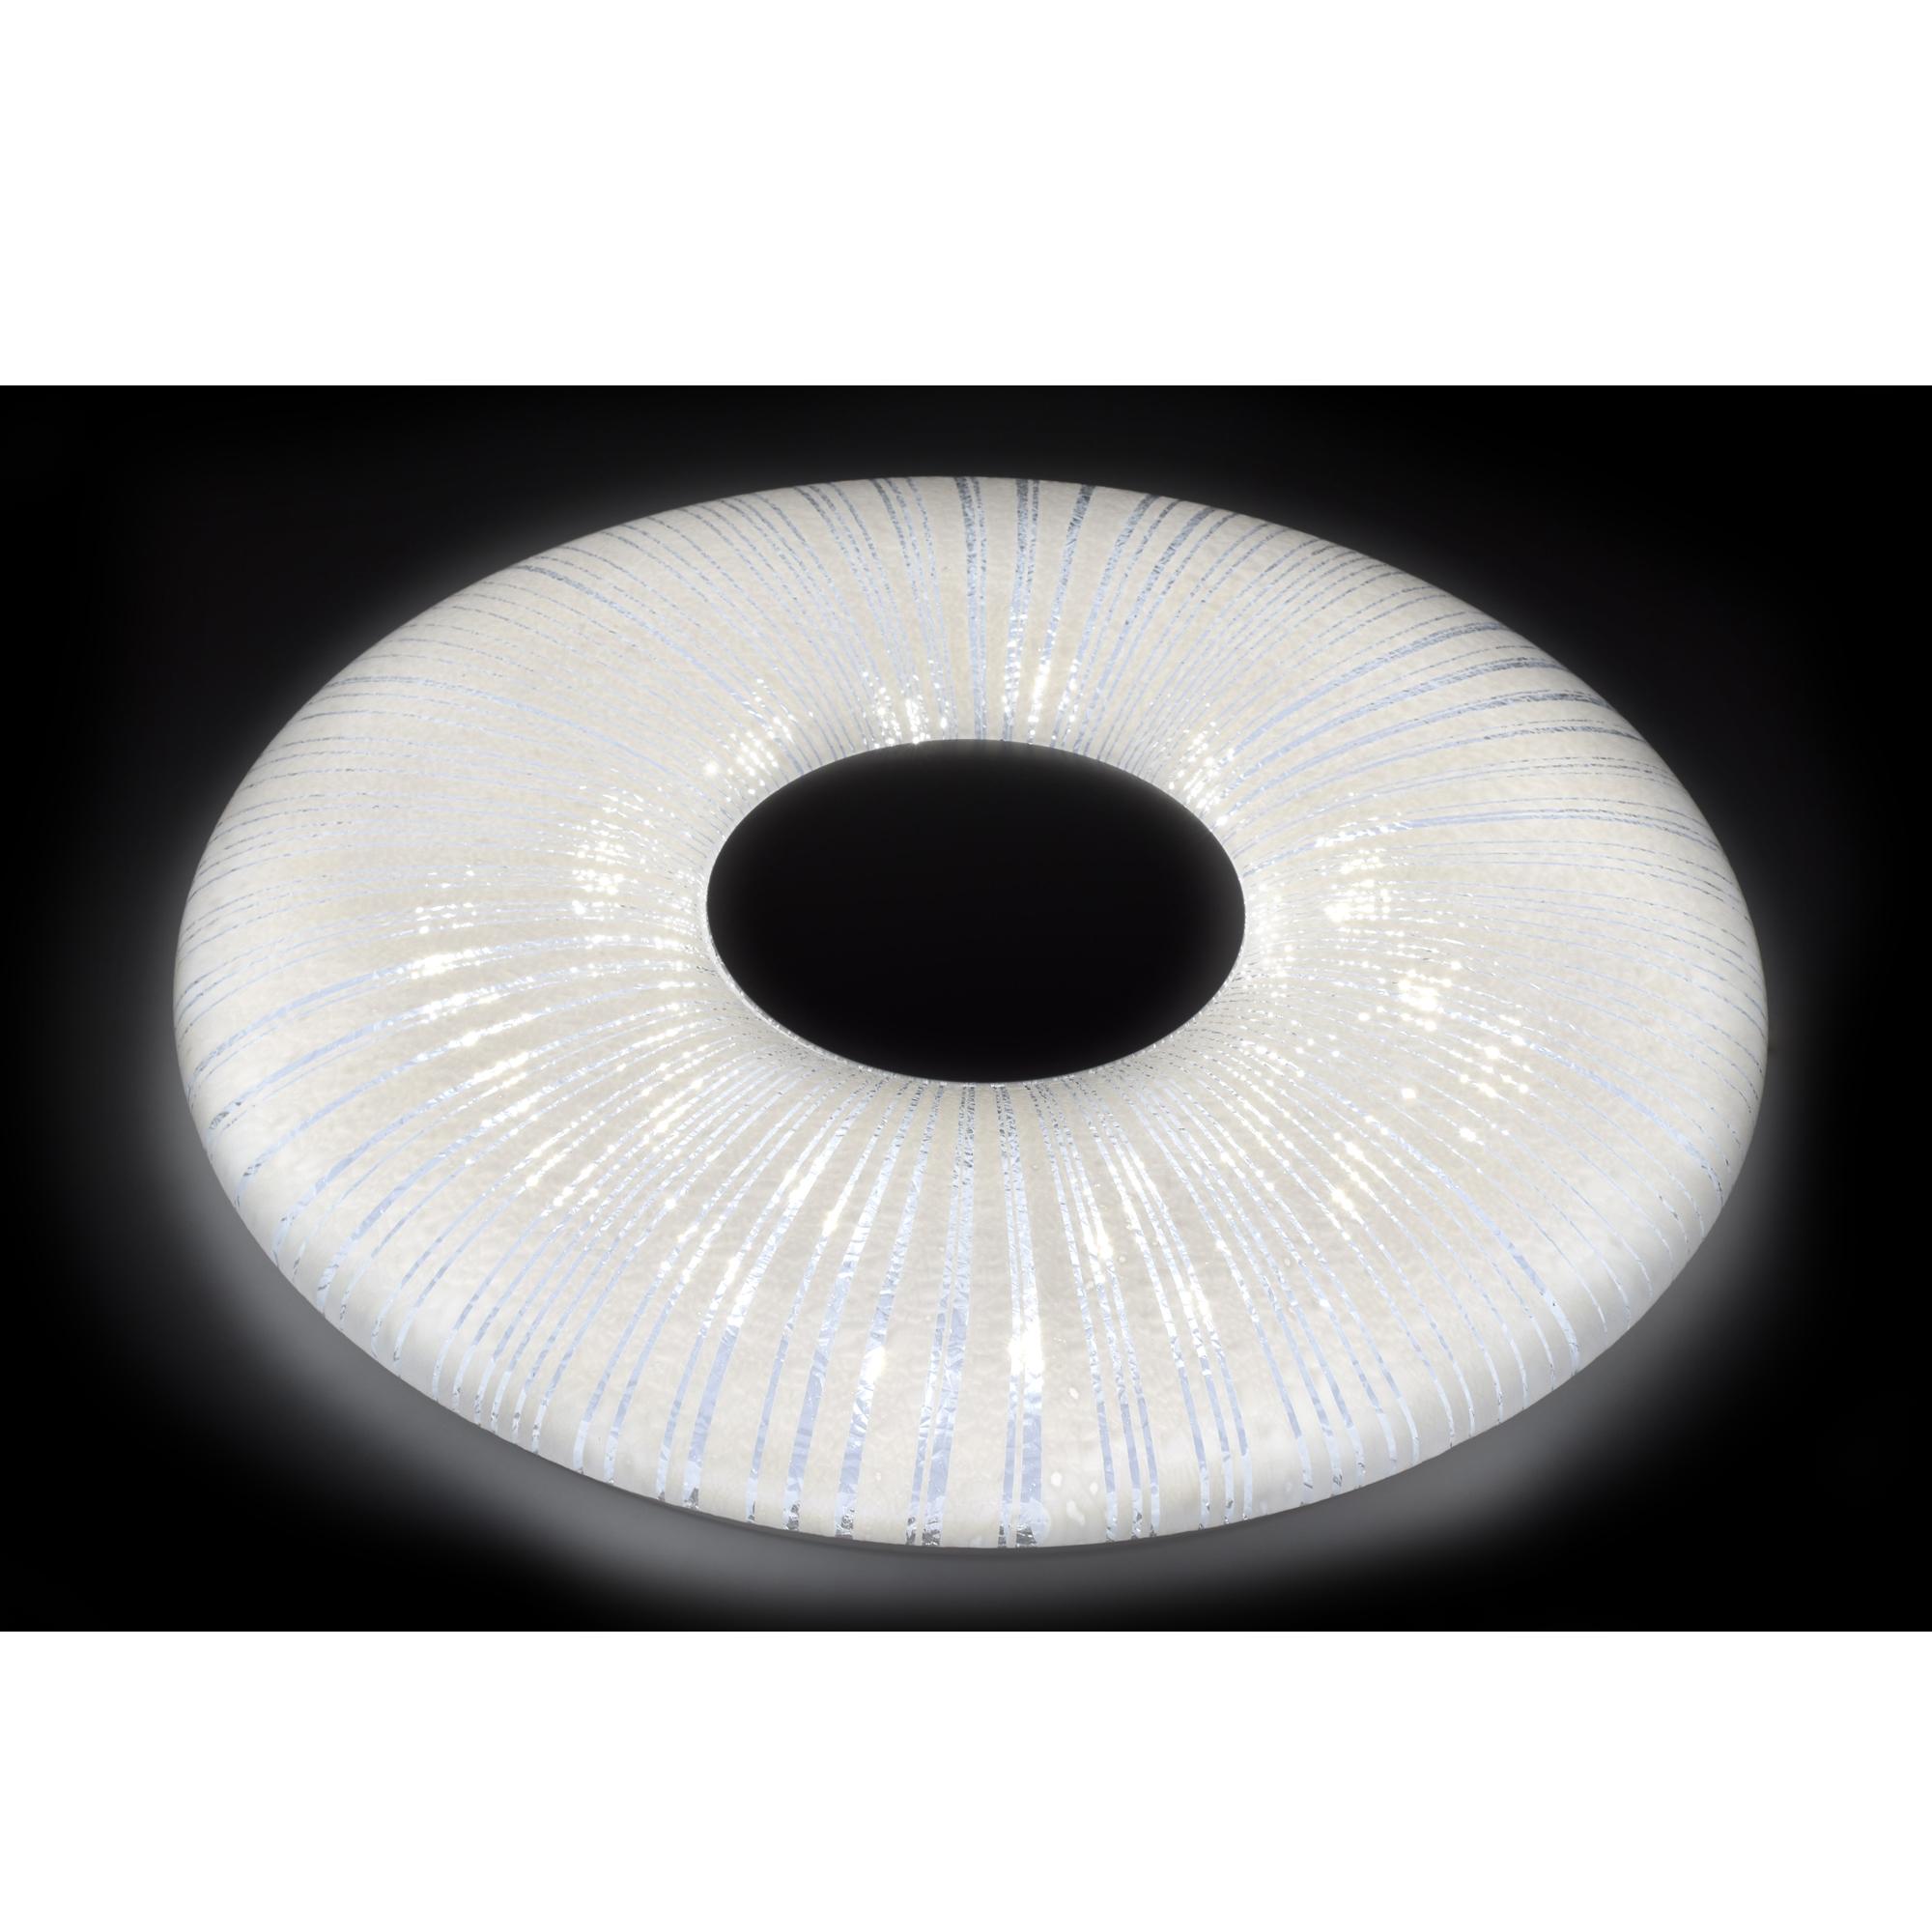 Indexbild 8 - Deckenlampe-Schlafzimmer-LED-mit-Fernbedienung-48W-Dimmbar-Deckenleuchte